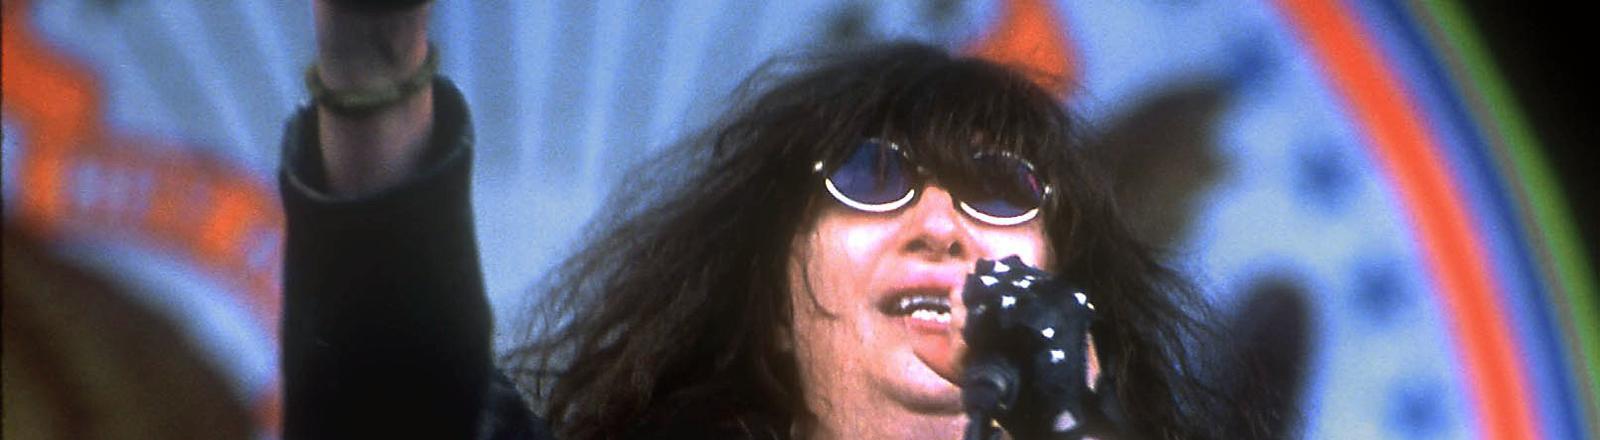 Joey Ramone, Sänger, Gründer und Namensgeber der Punk-Band The Ramones.